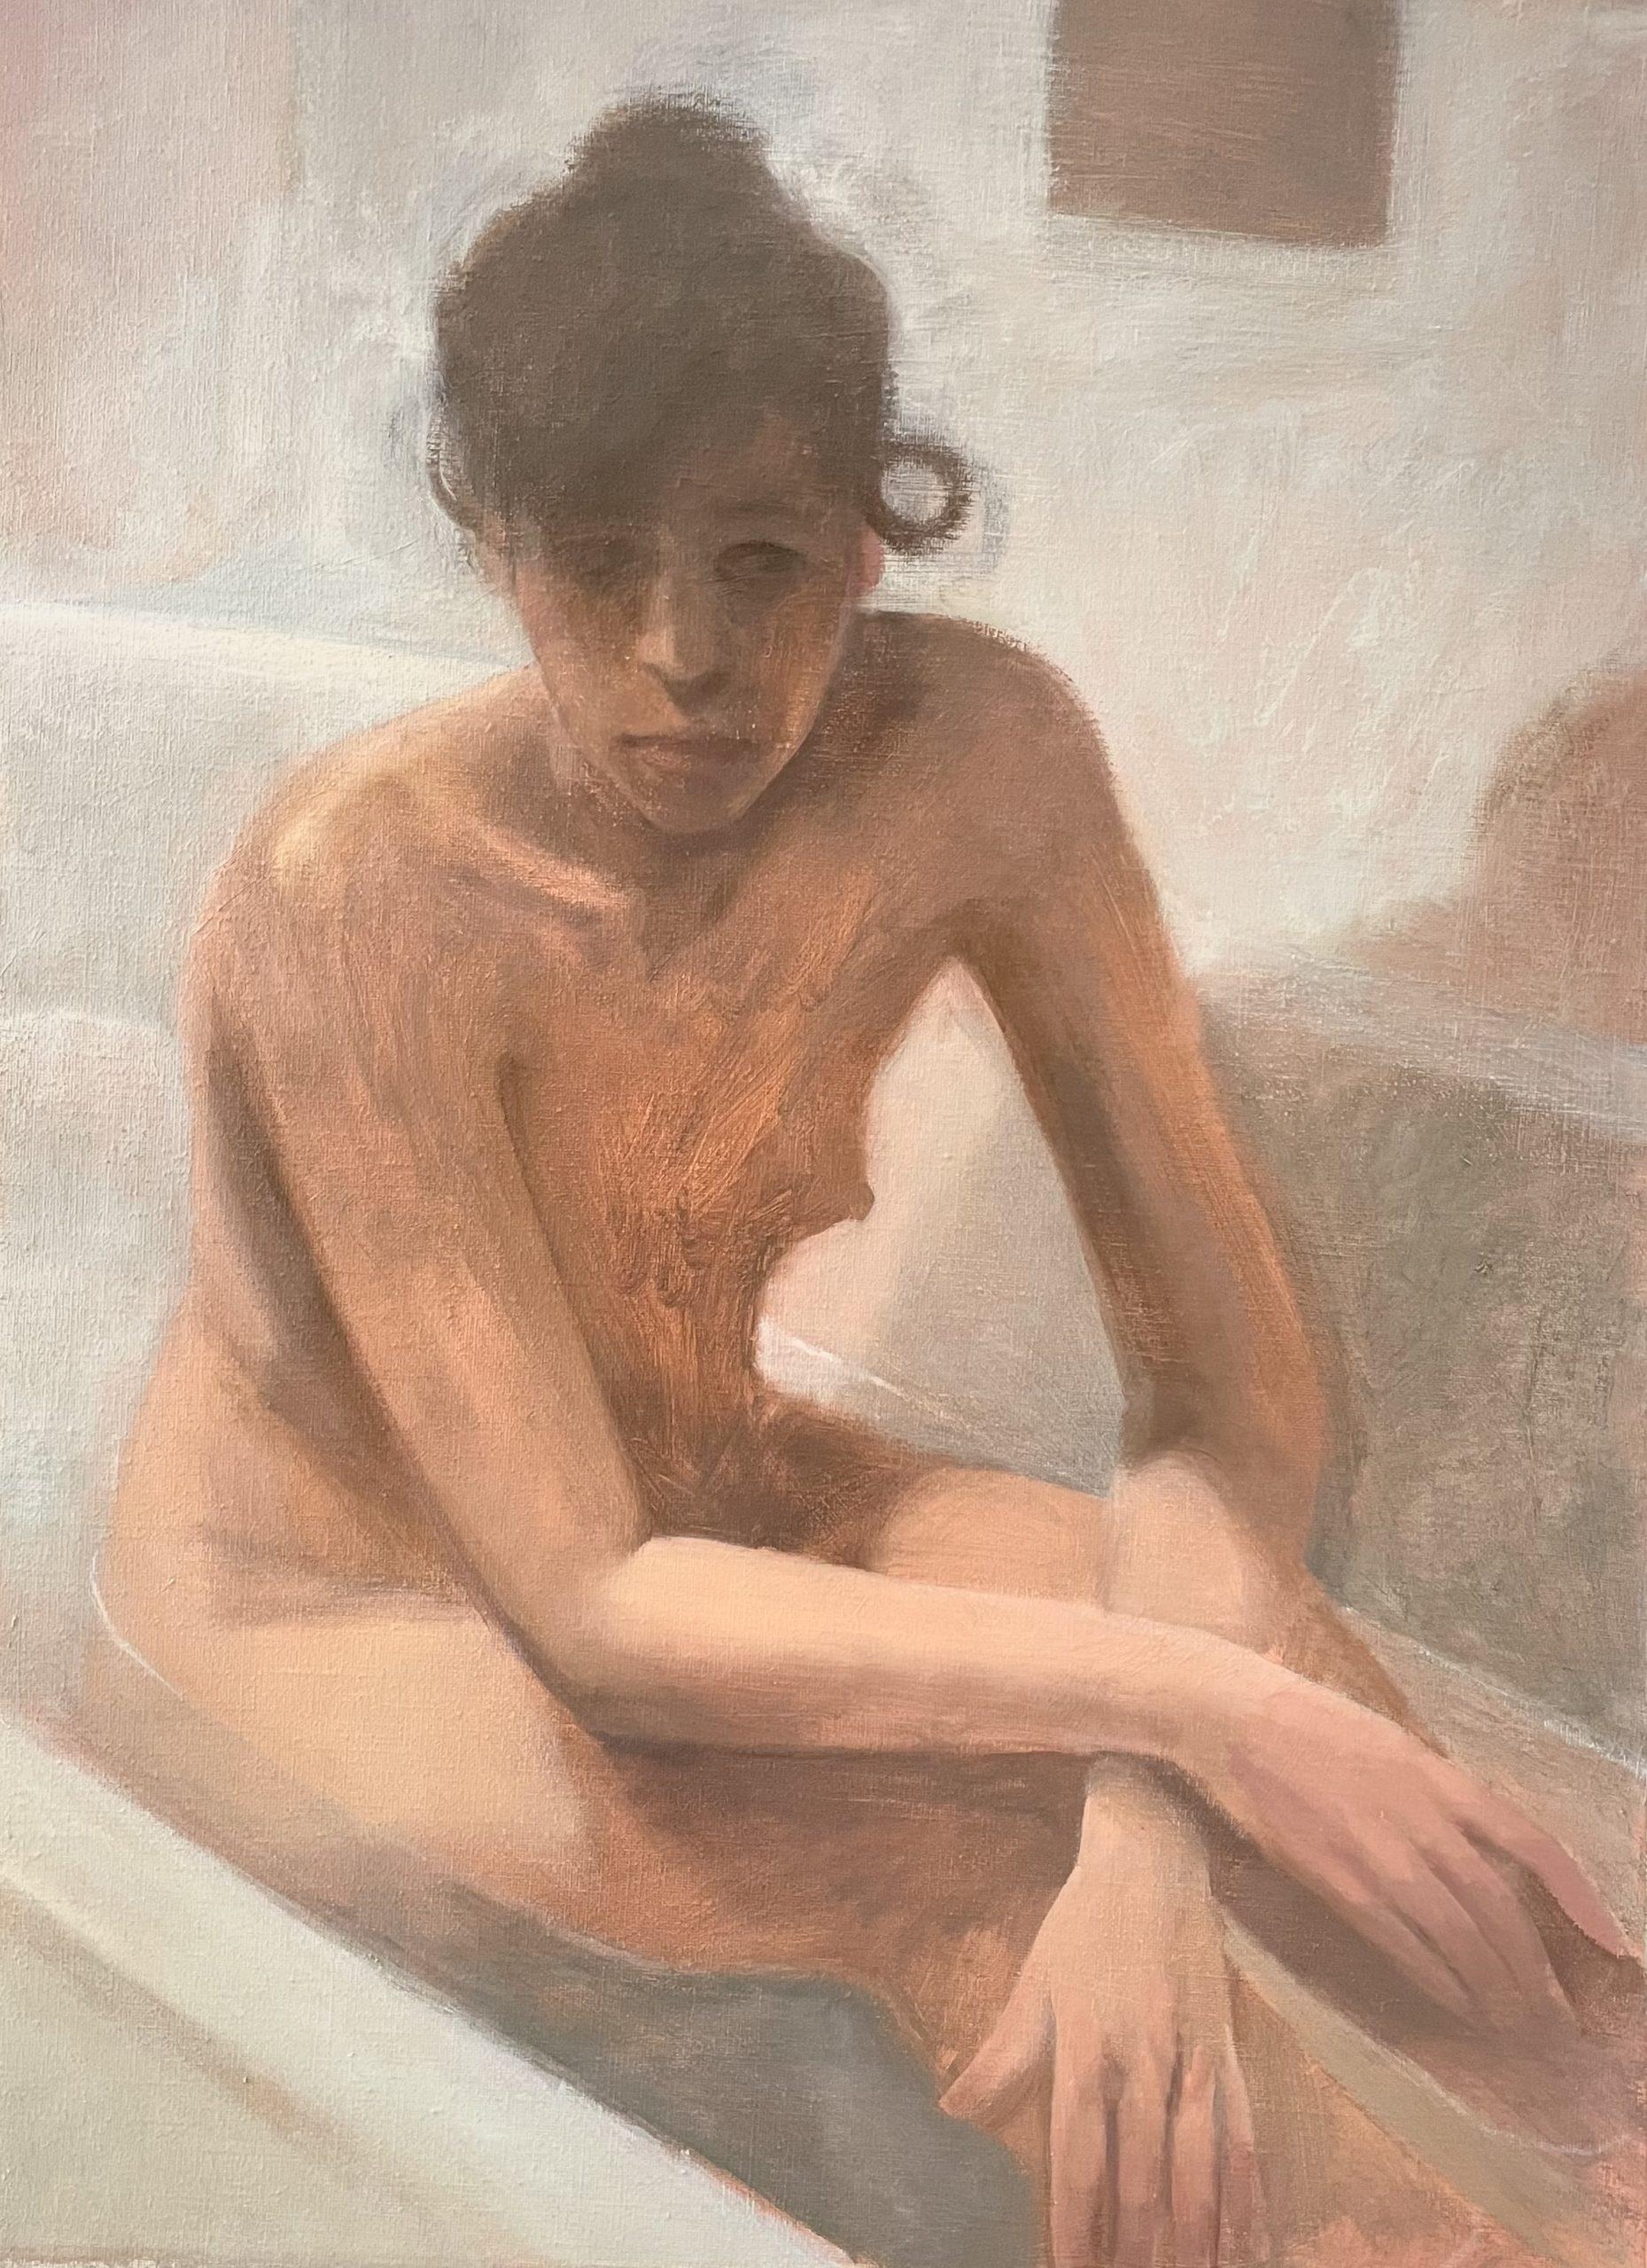 Elene dans la baignoire, version 2, 2021, huile sur toile, 65 x 47,5 cm